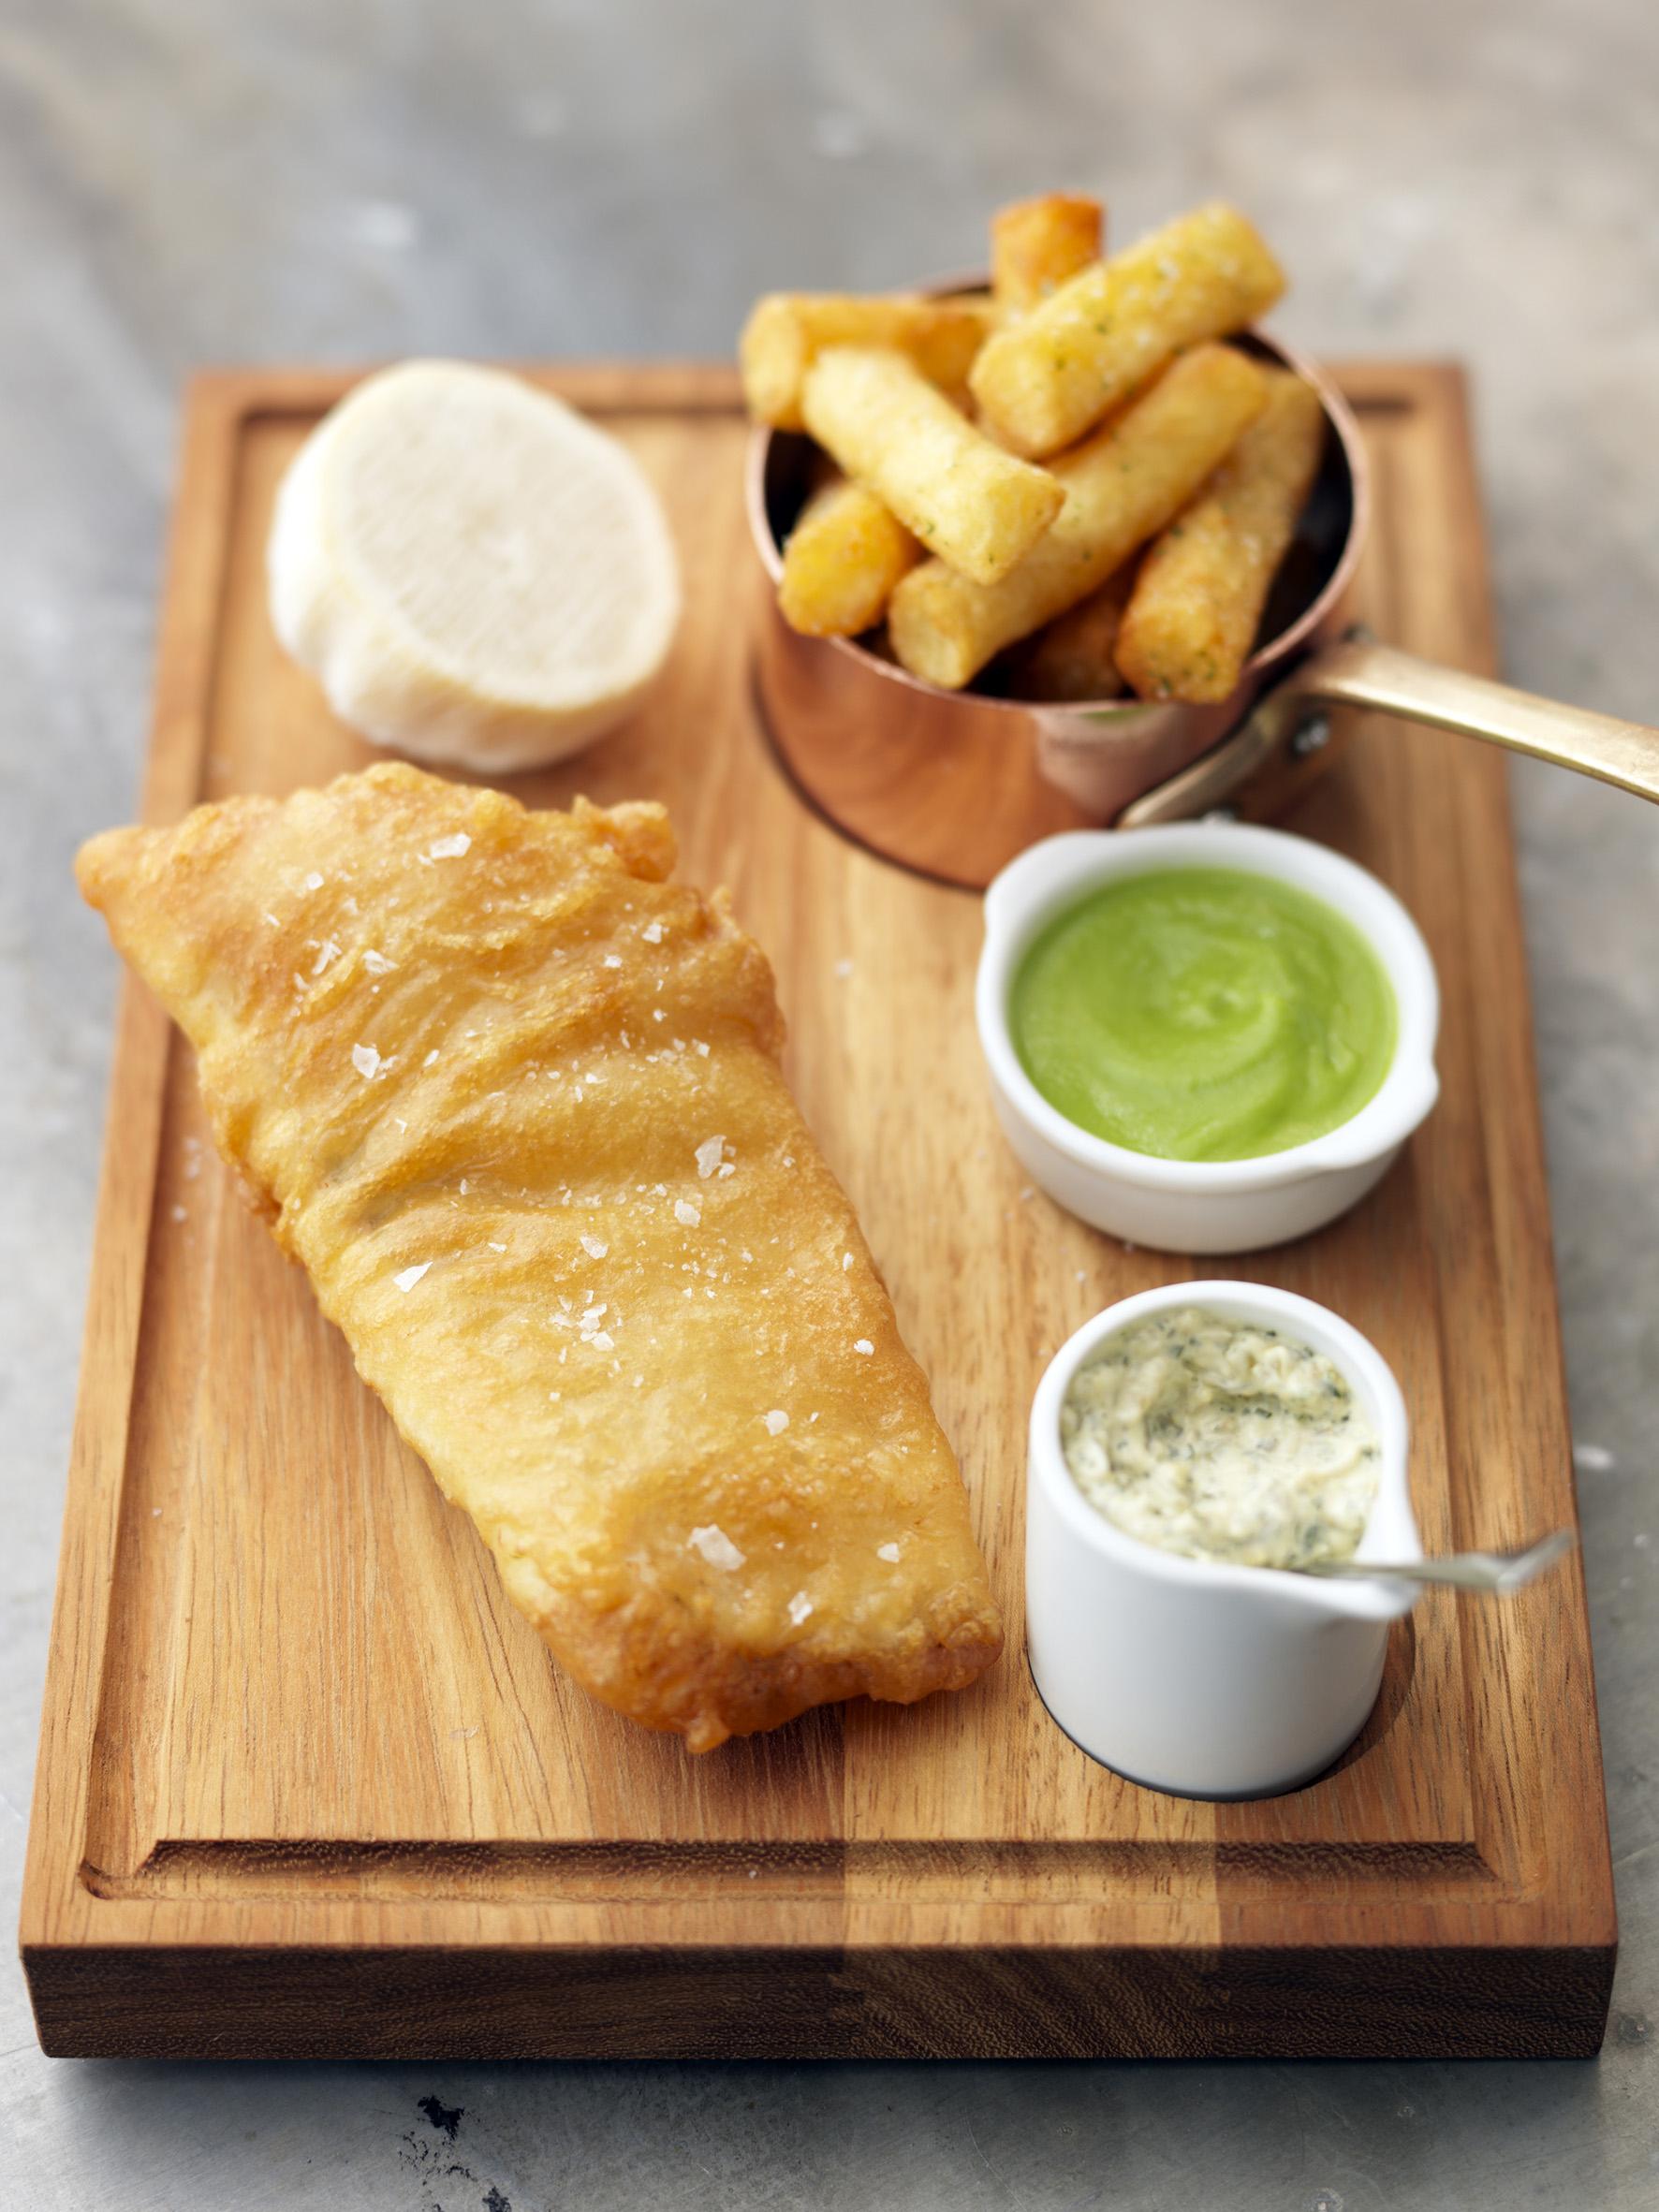 Tom Kerridge Fish and Chips